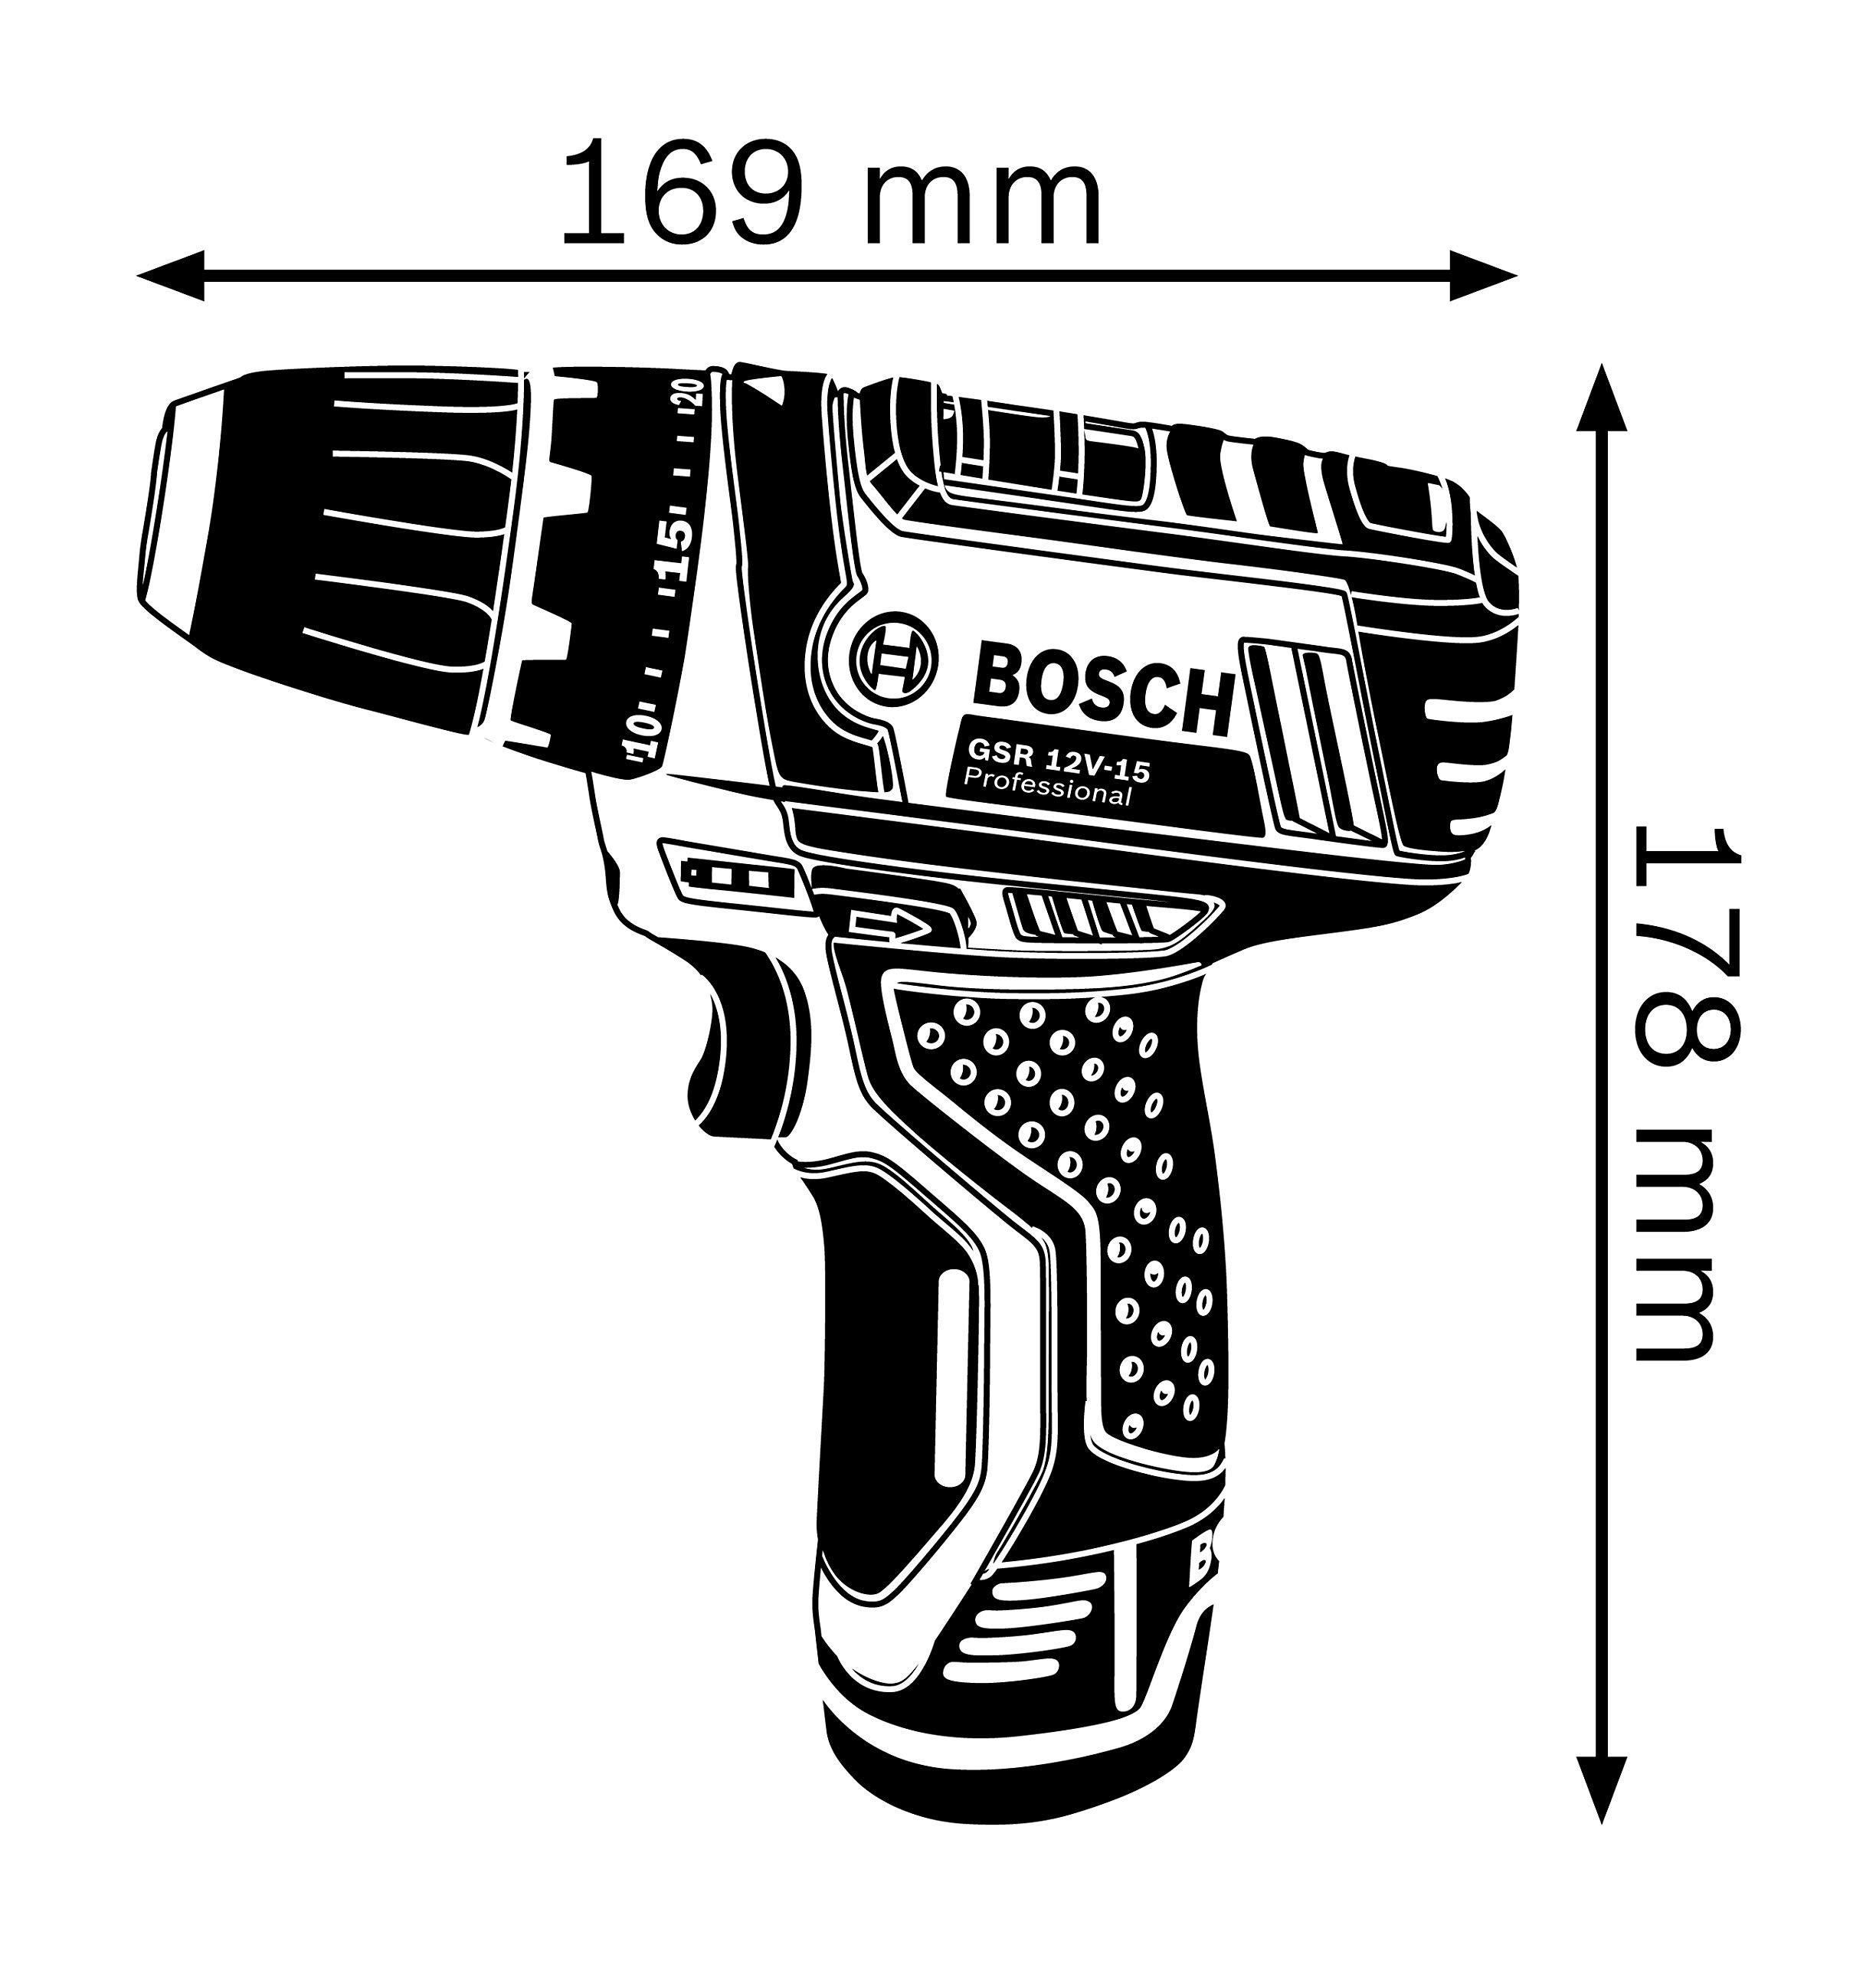 Bosch Professional GSR 12V-15 – Atornillador a batería (2 baterías x 2,0 Ah, 12V, set de 39 accesorios, en maletín de lona) + Set de 43 unidades para atornillar y llaves de vaso (Ph,Pz,Sl,H,T,Th)